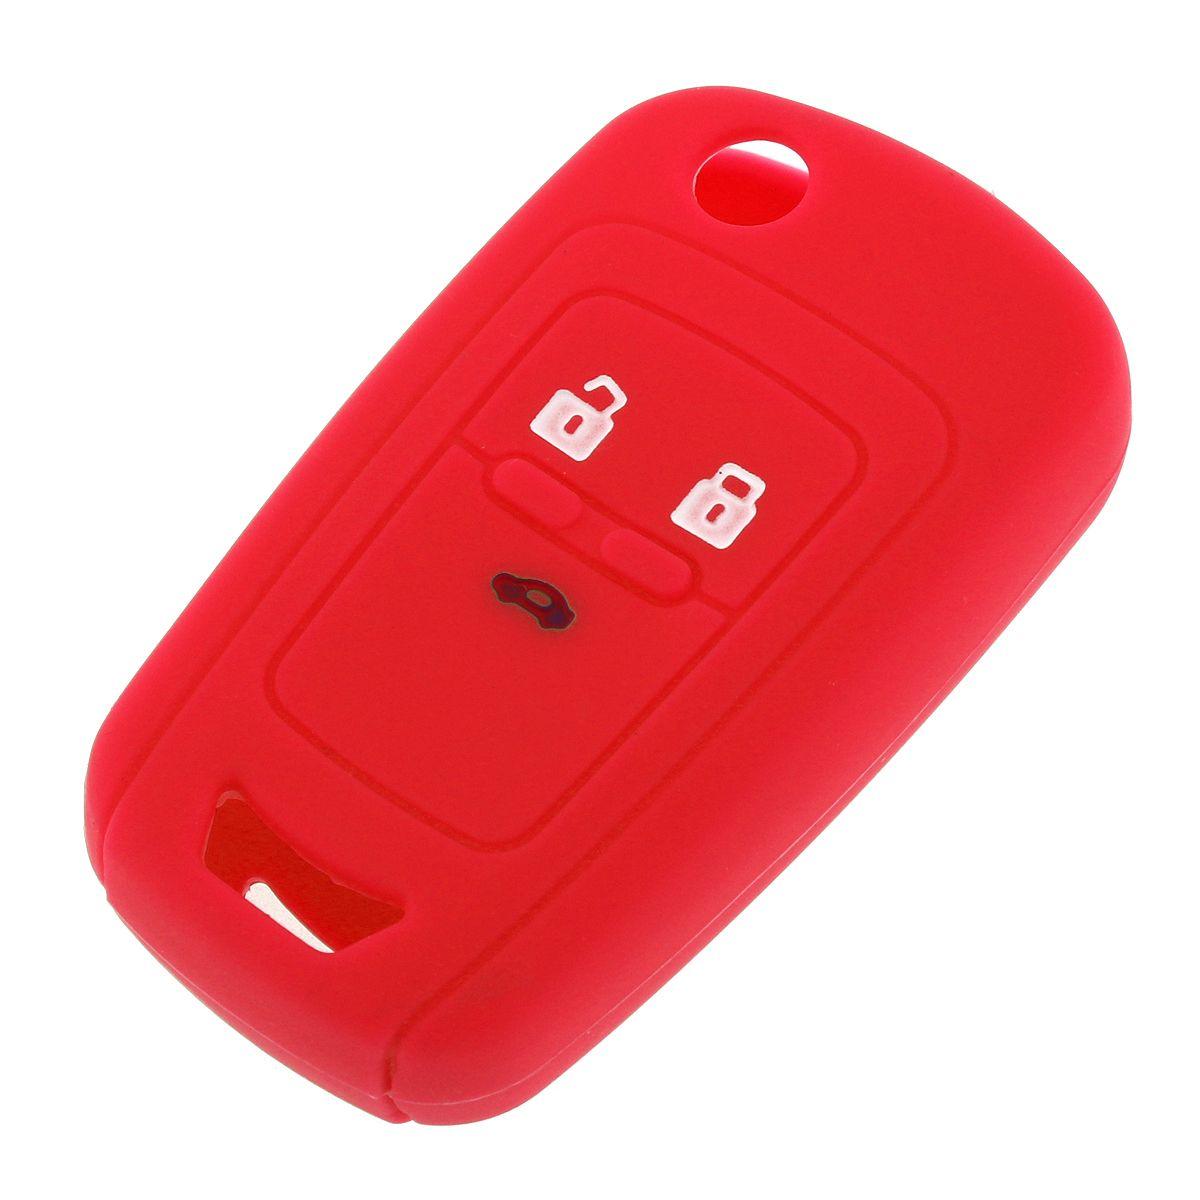 6 цветов 3 кнопки Силиконовый автомобиль дистанционного ключа чехол для Chevrolet Cruze Spark Onix Silverado Volt Camaro Aveo Sonic CIA_40A